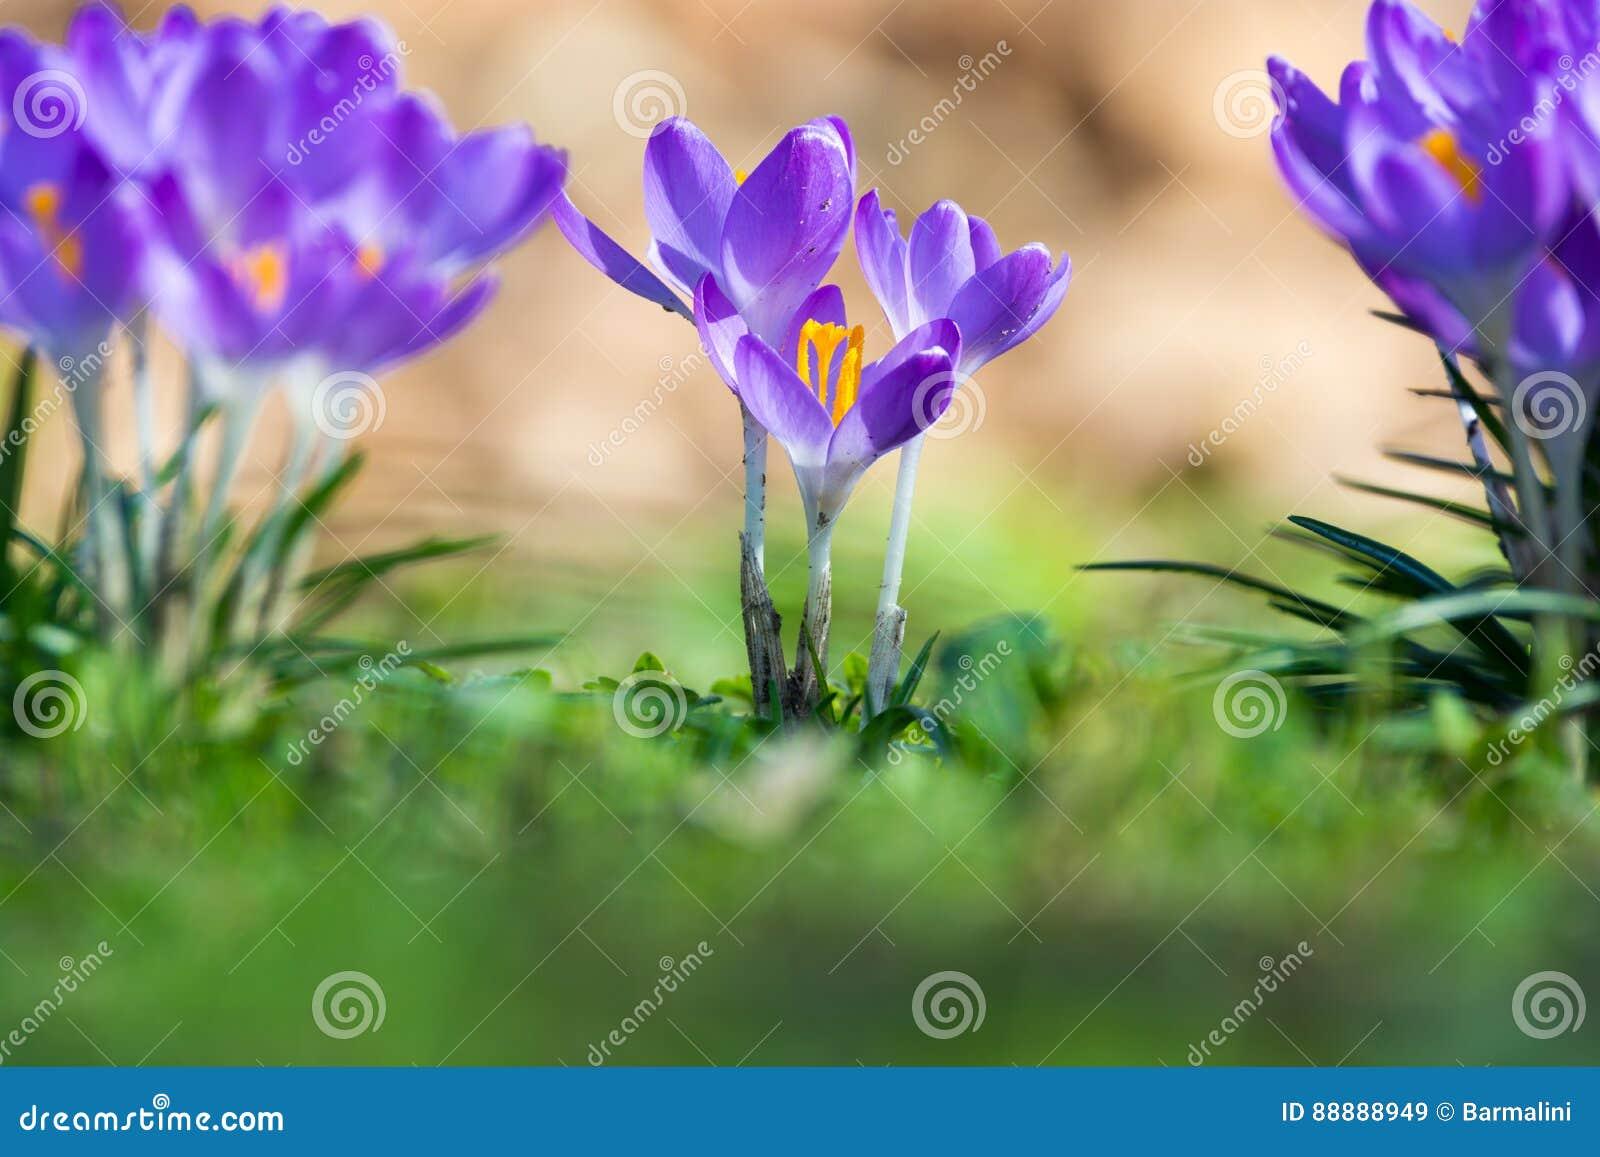 Gruppe des ersten Frühlinges blüht - purpurrote Krokusblüte draußen